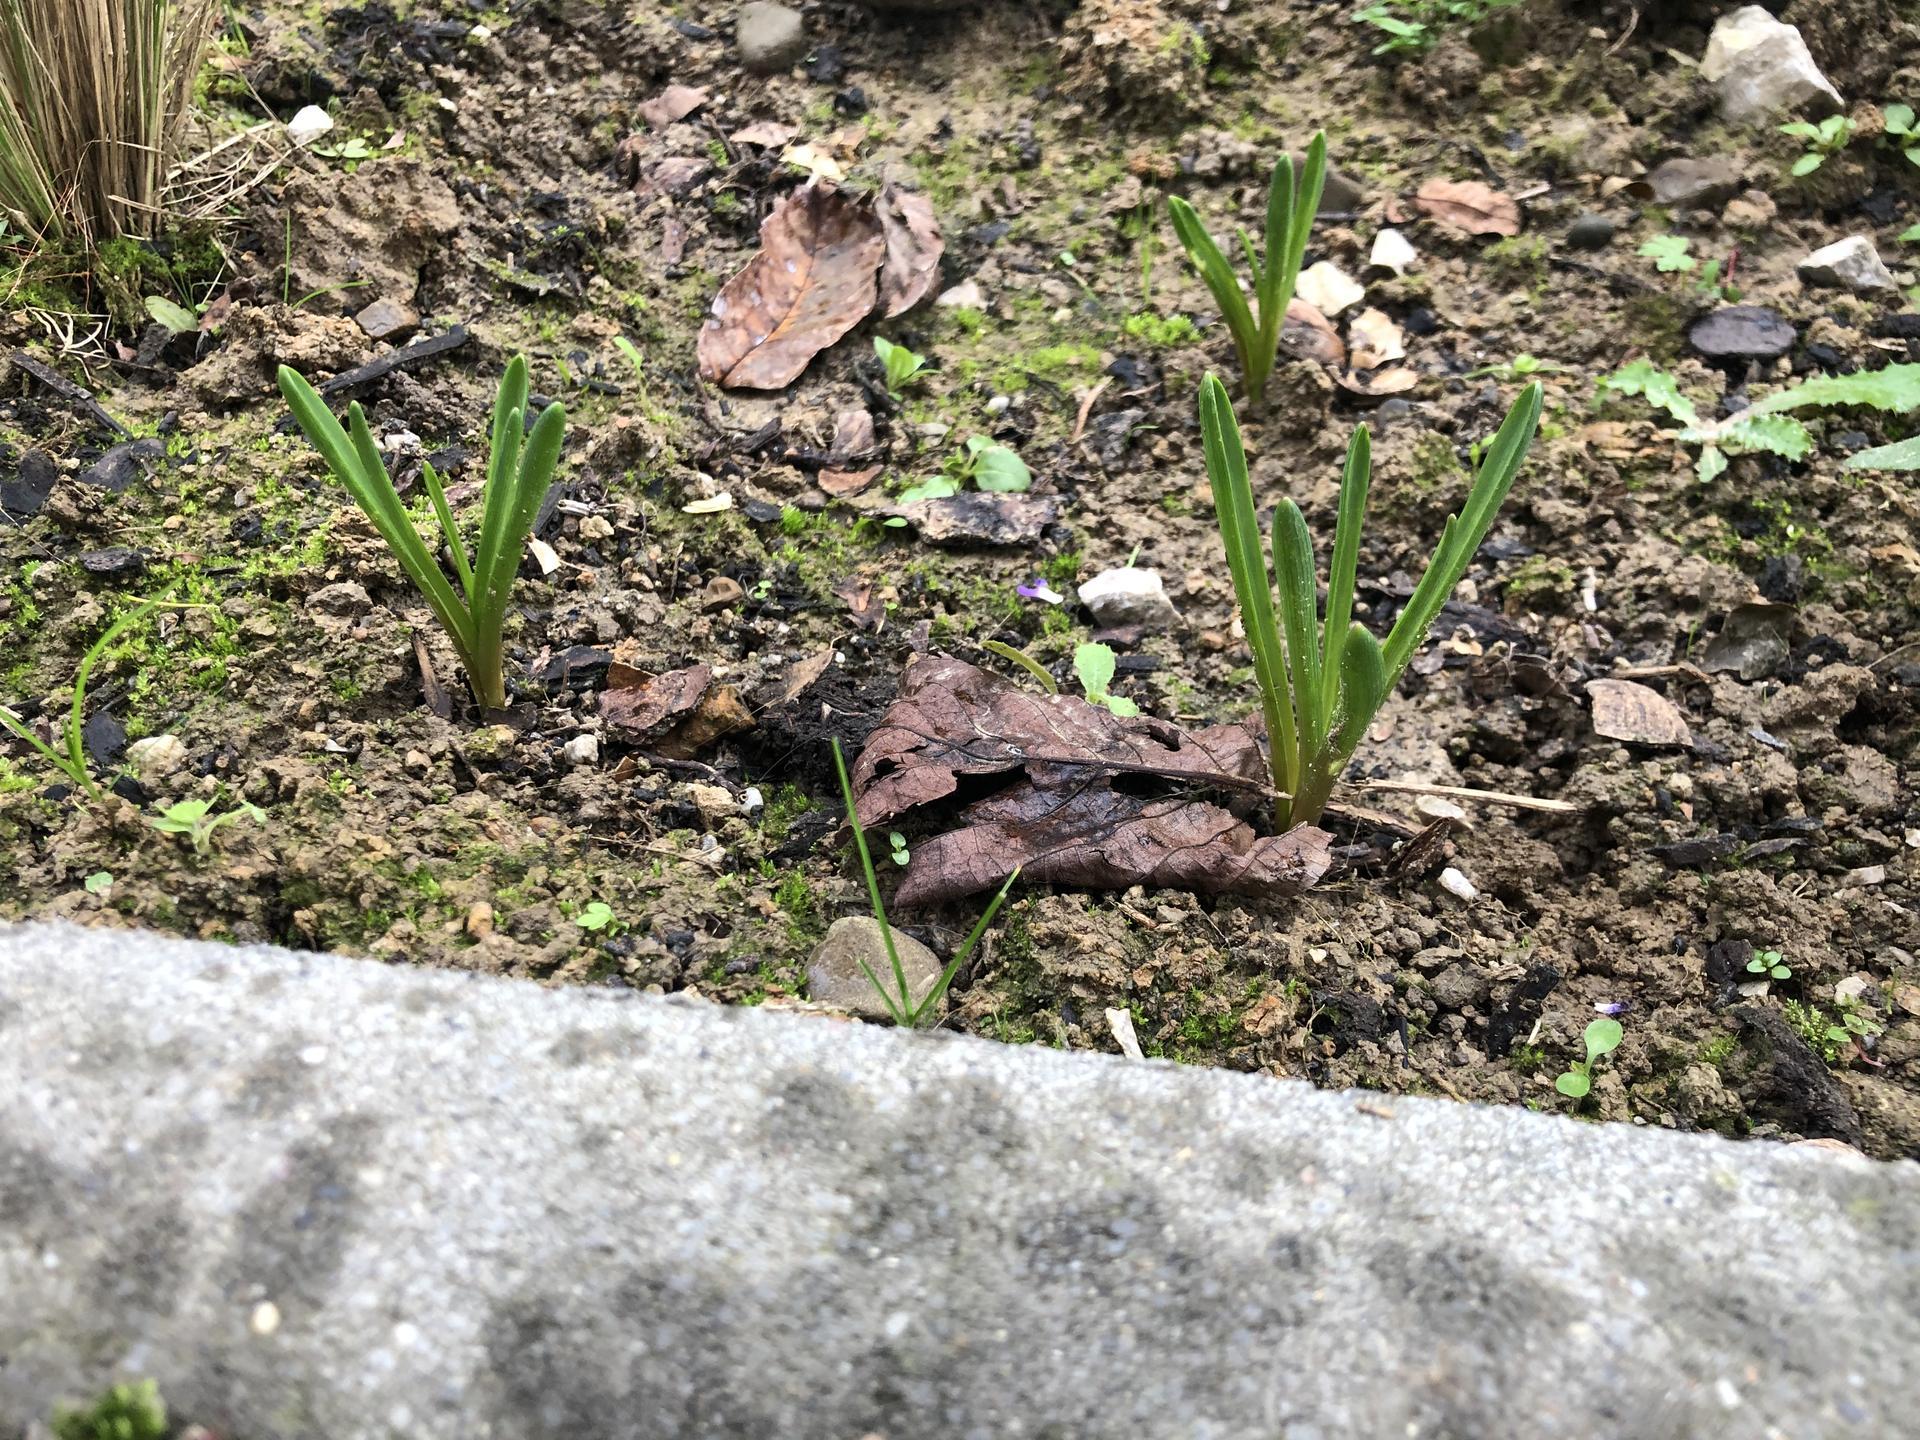 Zahradnice prosím o radu. 15. Září jsme vysadili mix jarních cibulovin ( tulipany,narcisy,modrence,sněženka) a ony začínají růst už teď! Co s tím ? :-o dekuji - Obrázek č. 1